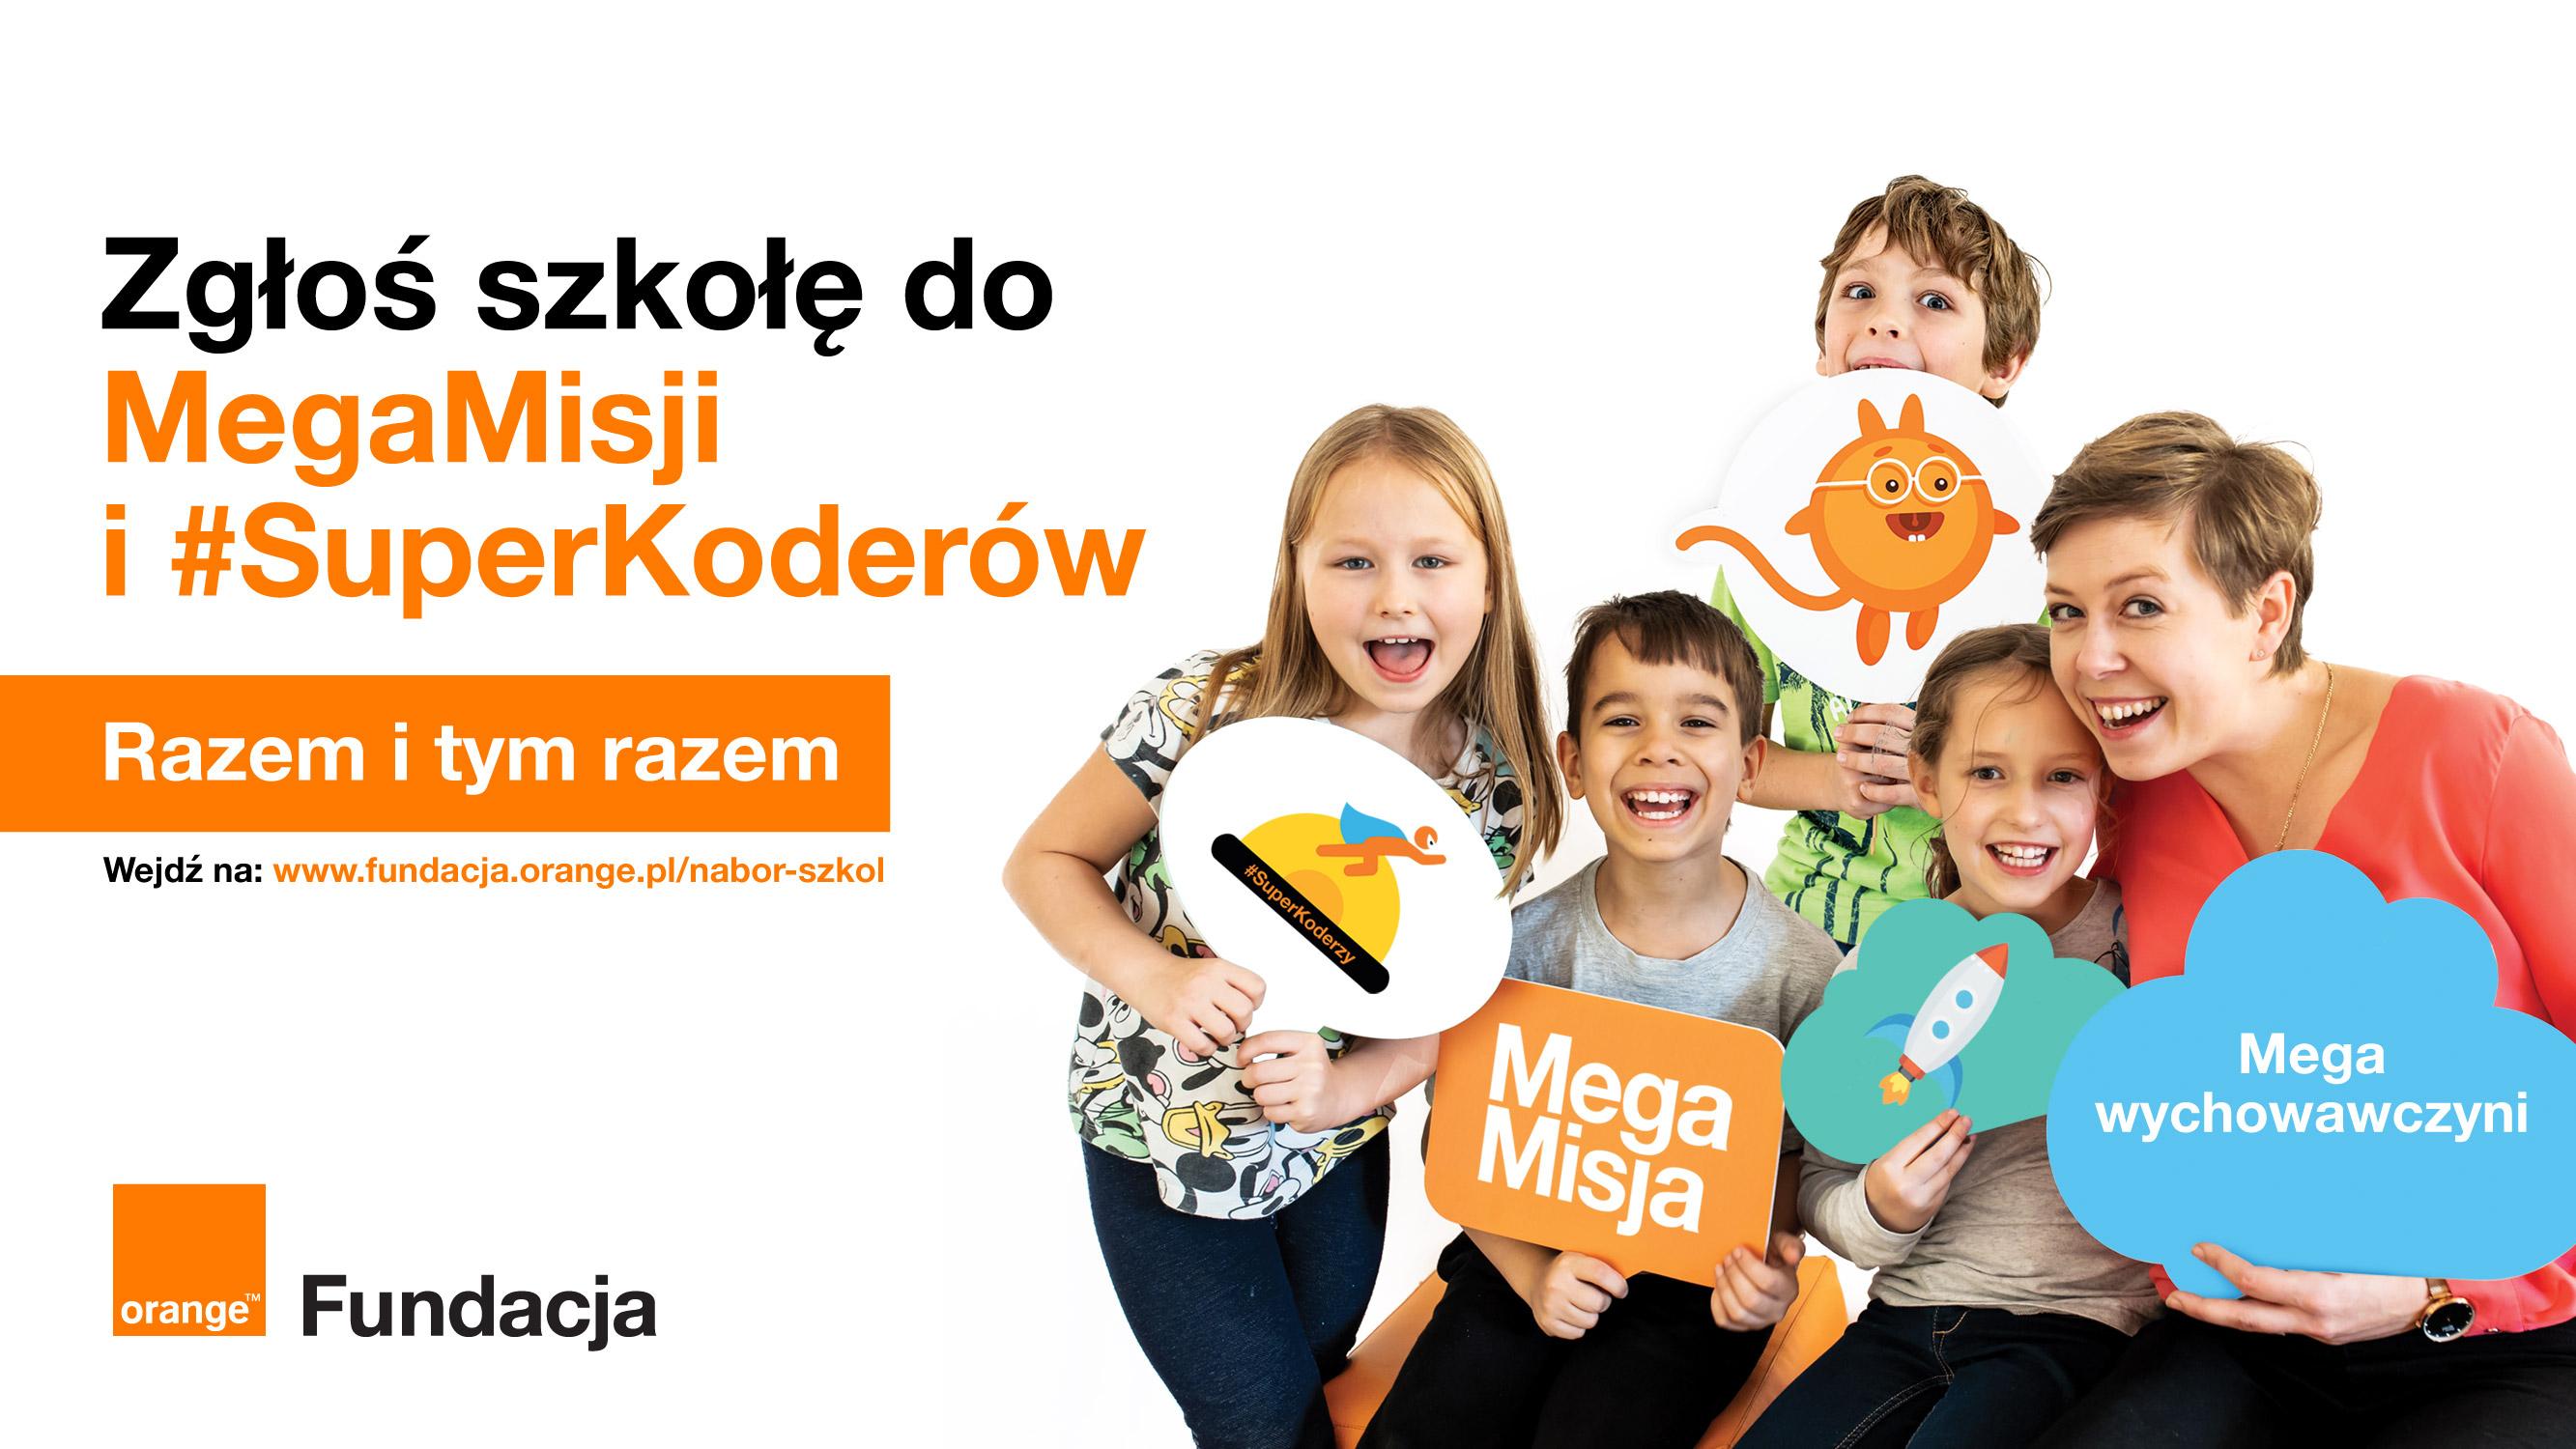 Fundacja Orange chce wspierać uczniów i nauczycieli  - Zdjęcie główne